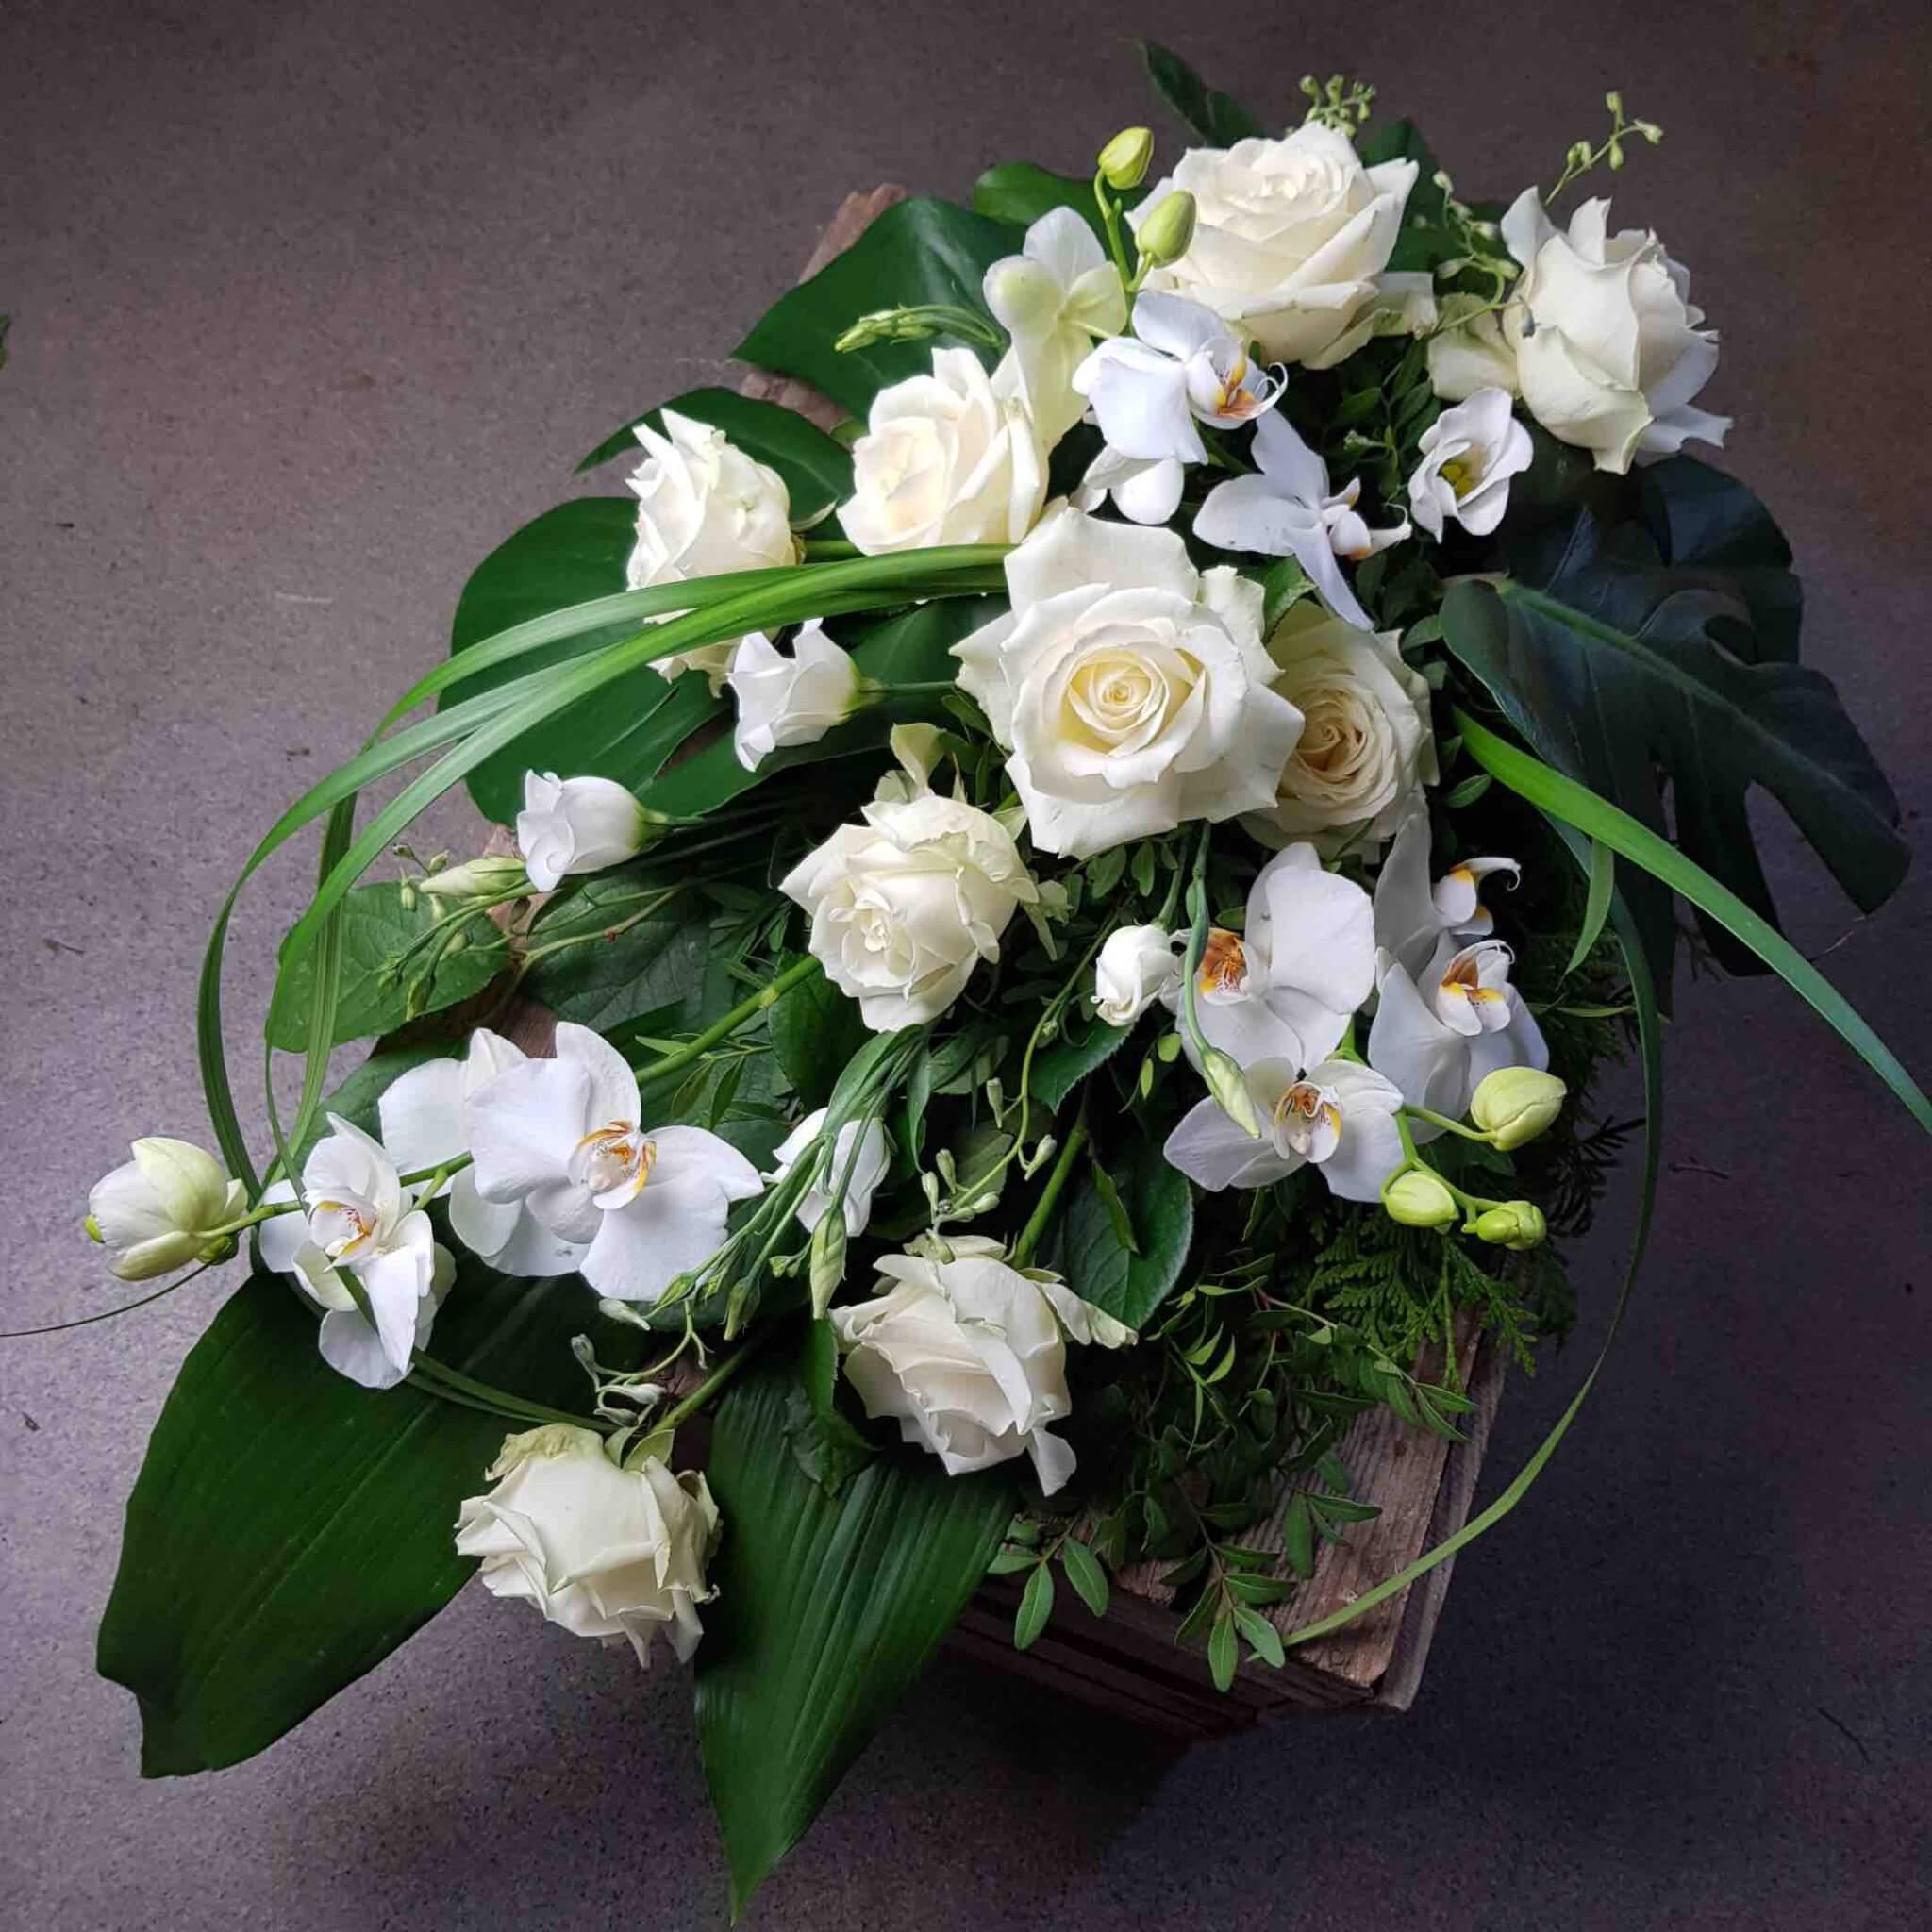 sorgbukett till begravning med vita blommor